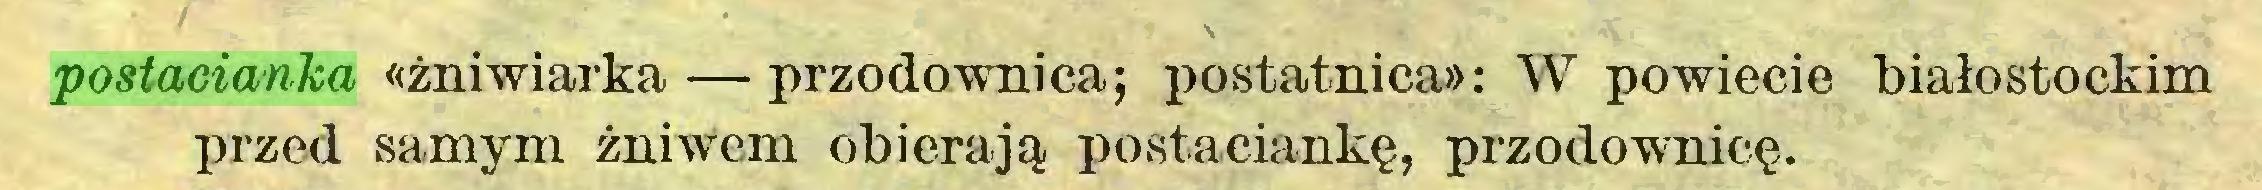 (...) postacianka «żniwiarka — przodownica; postatnica»: W powiecie białostockim przed samym żniwem obierają postaciankę, przodownicę...